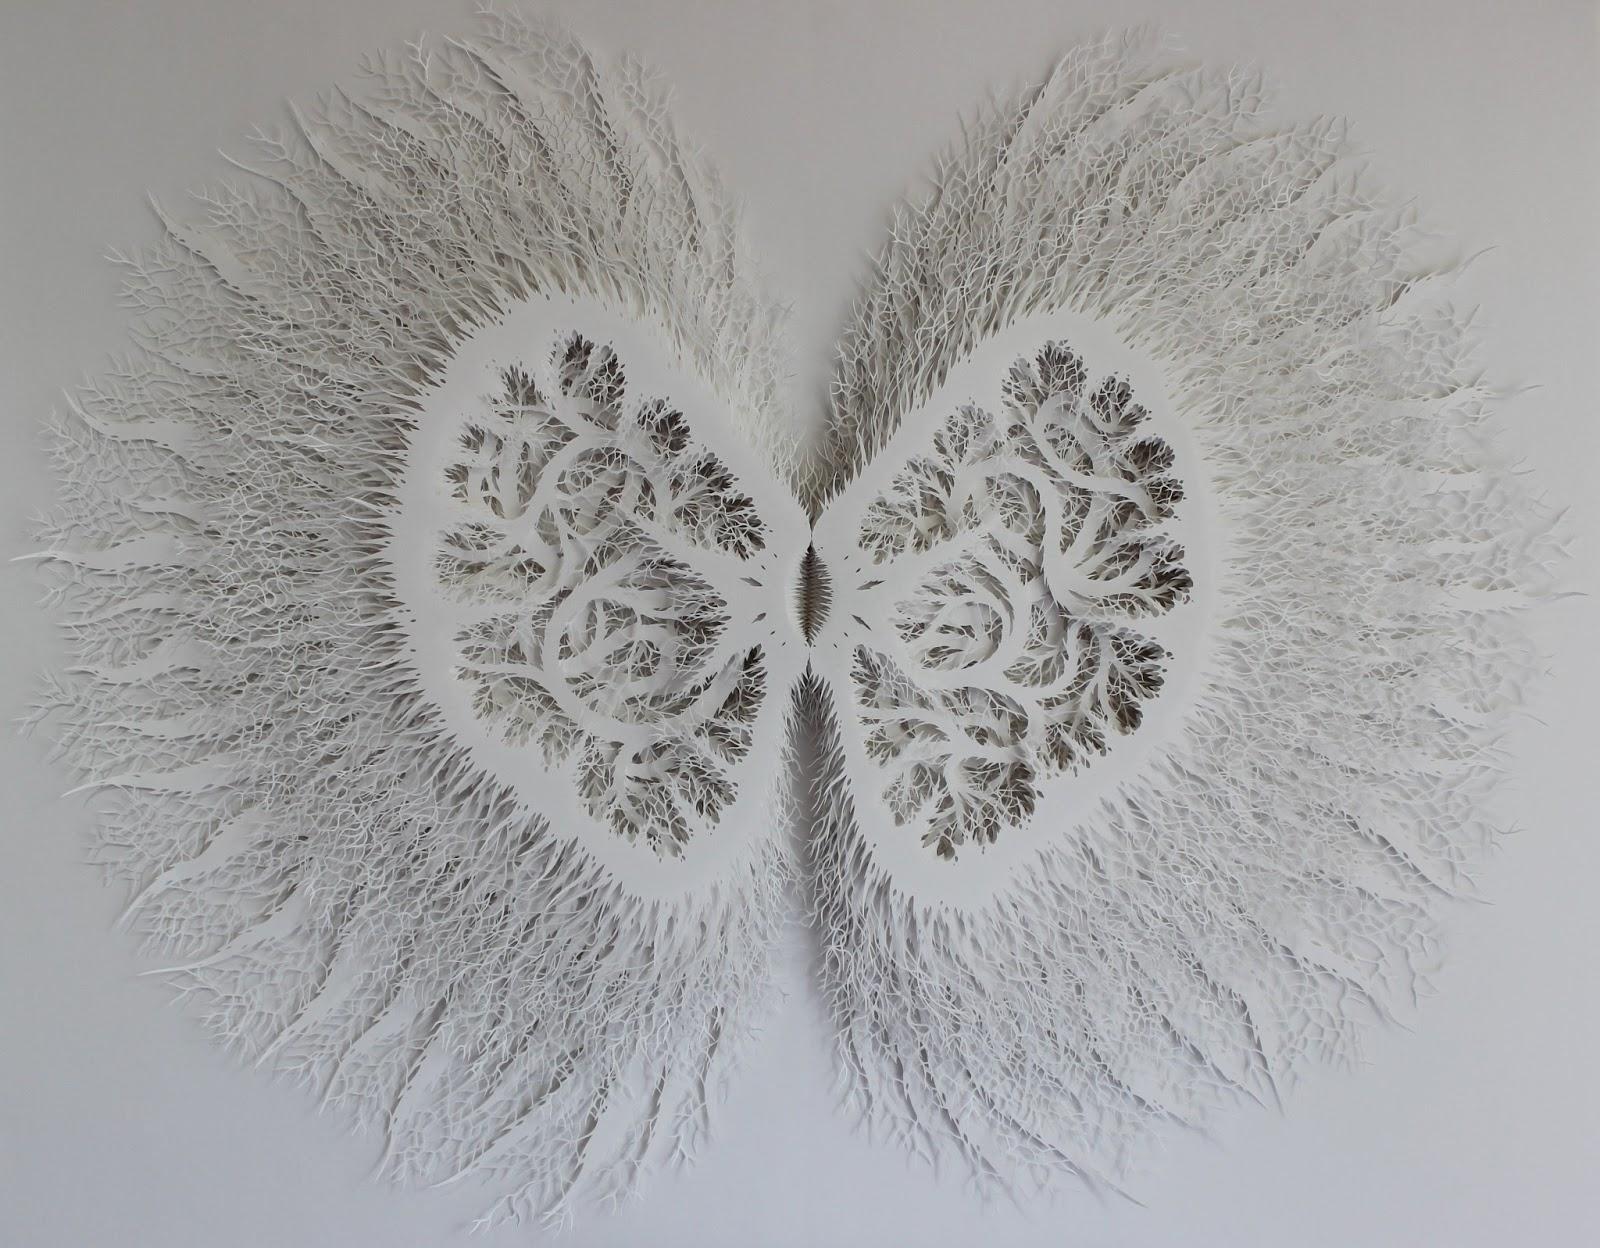 Magnifiques cut paper sculptures de l artist rogan brown